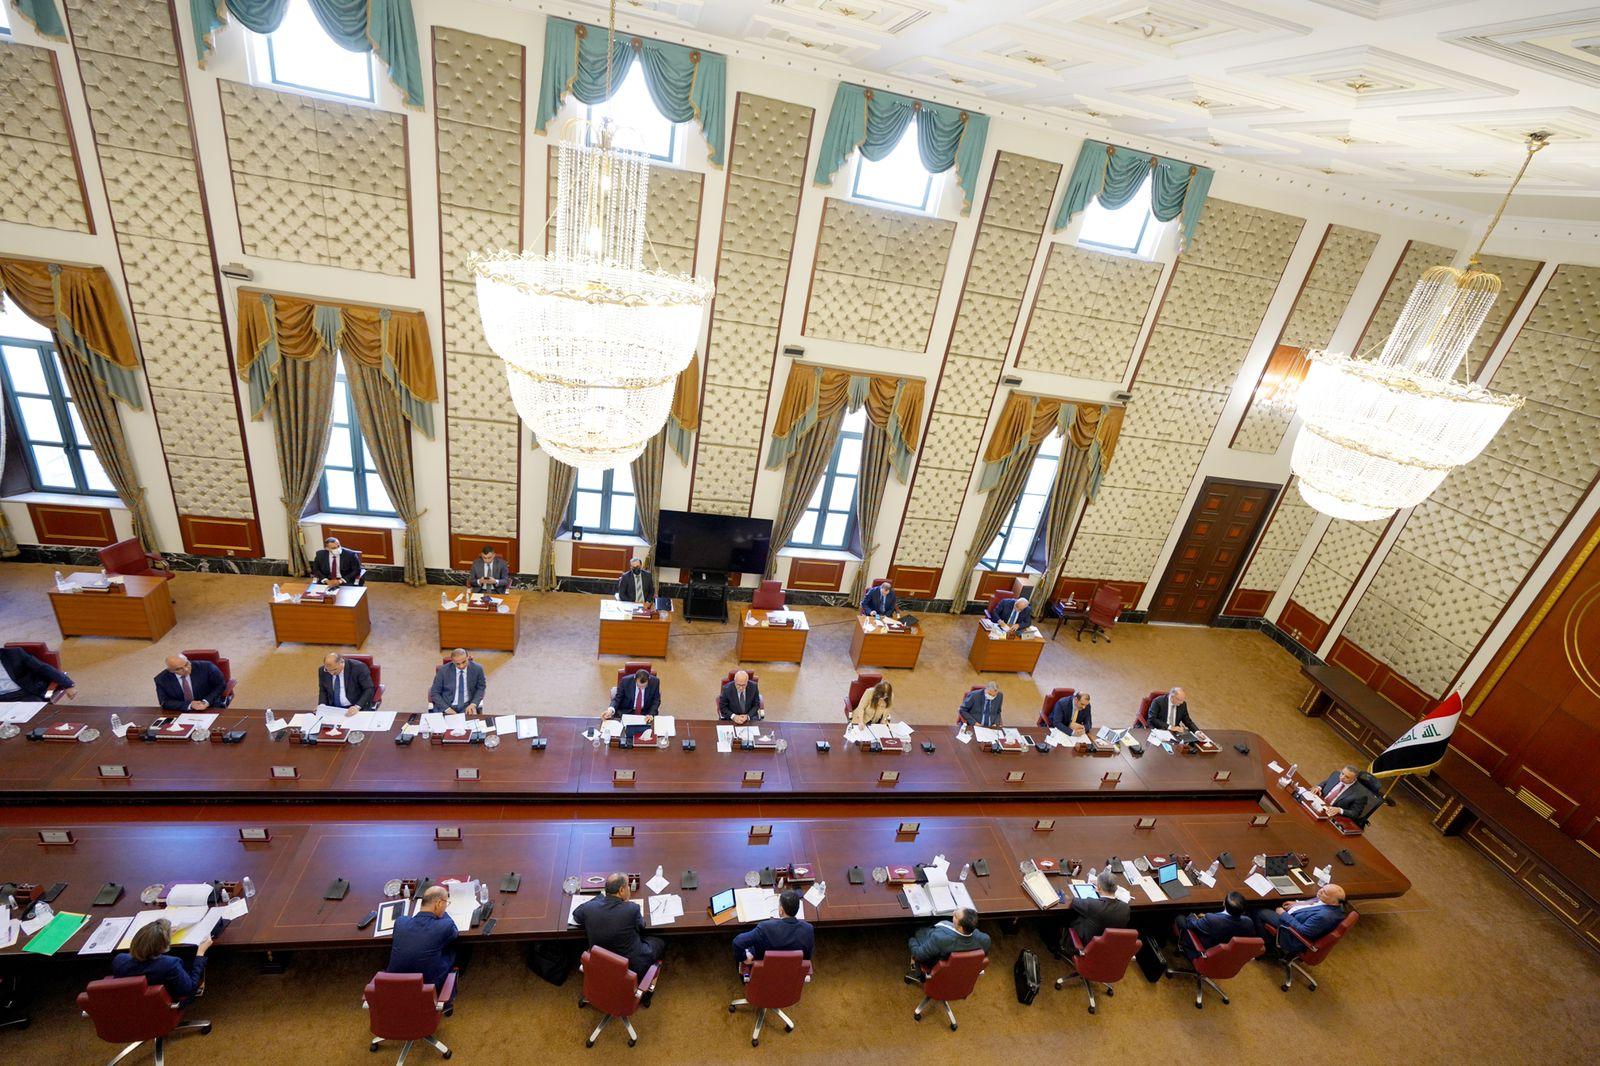 مجلس الوزراء يعقد جلسته الاعتيادية الأربعين برئاسة رئيس مجلس الوزراء السيد مصطفى الكاظم